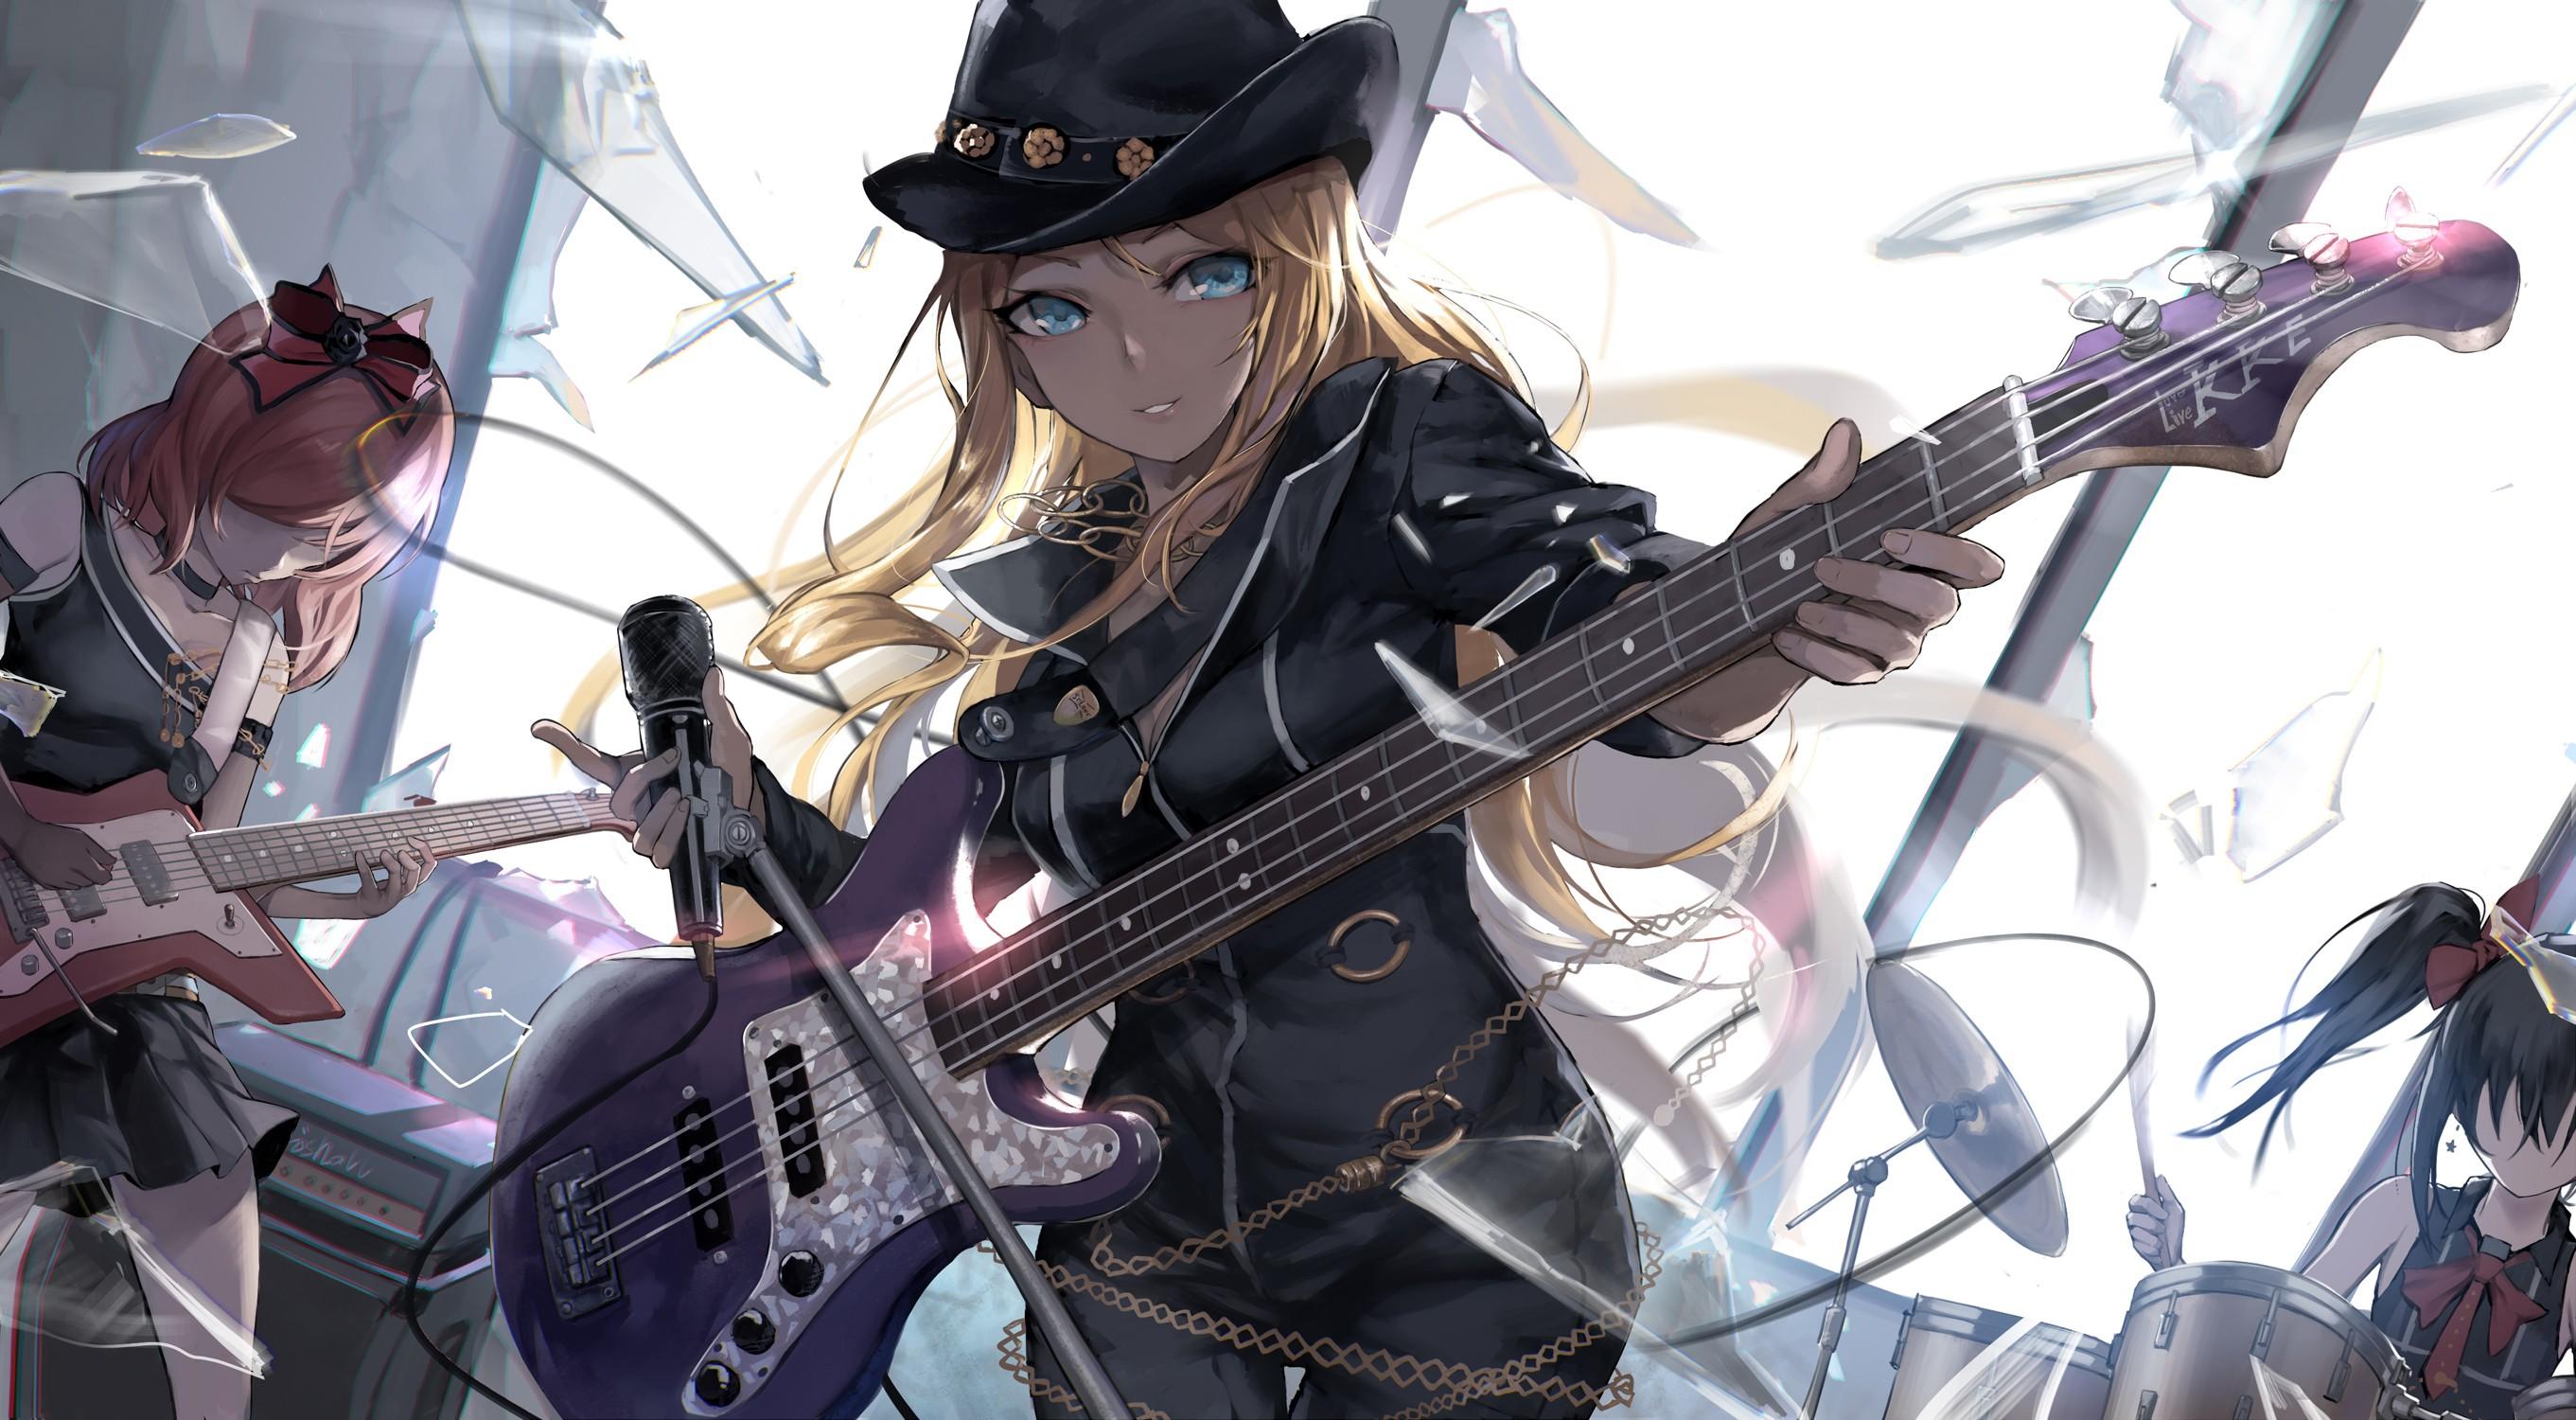 Картинки аниме девушек рок